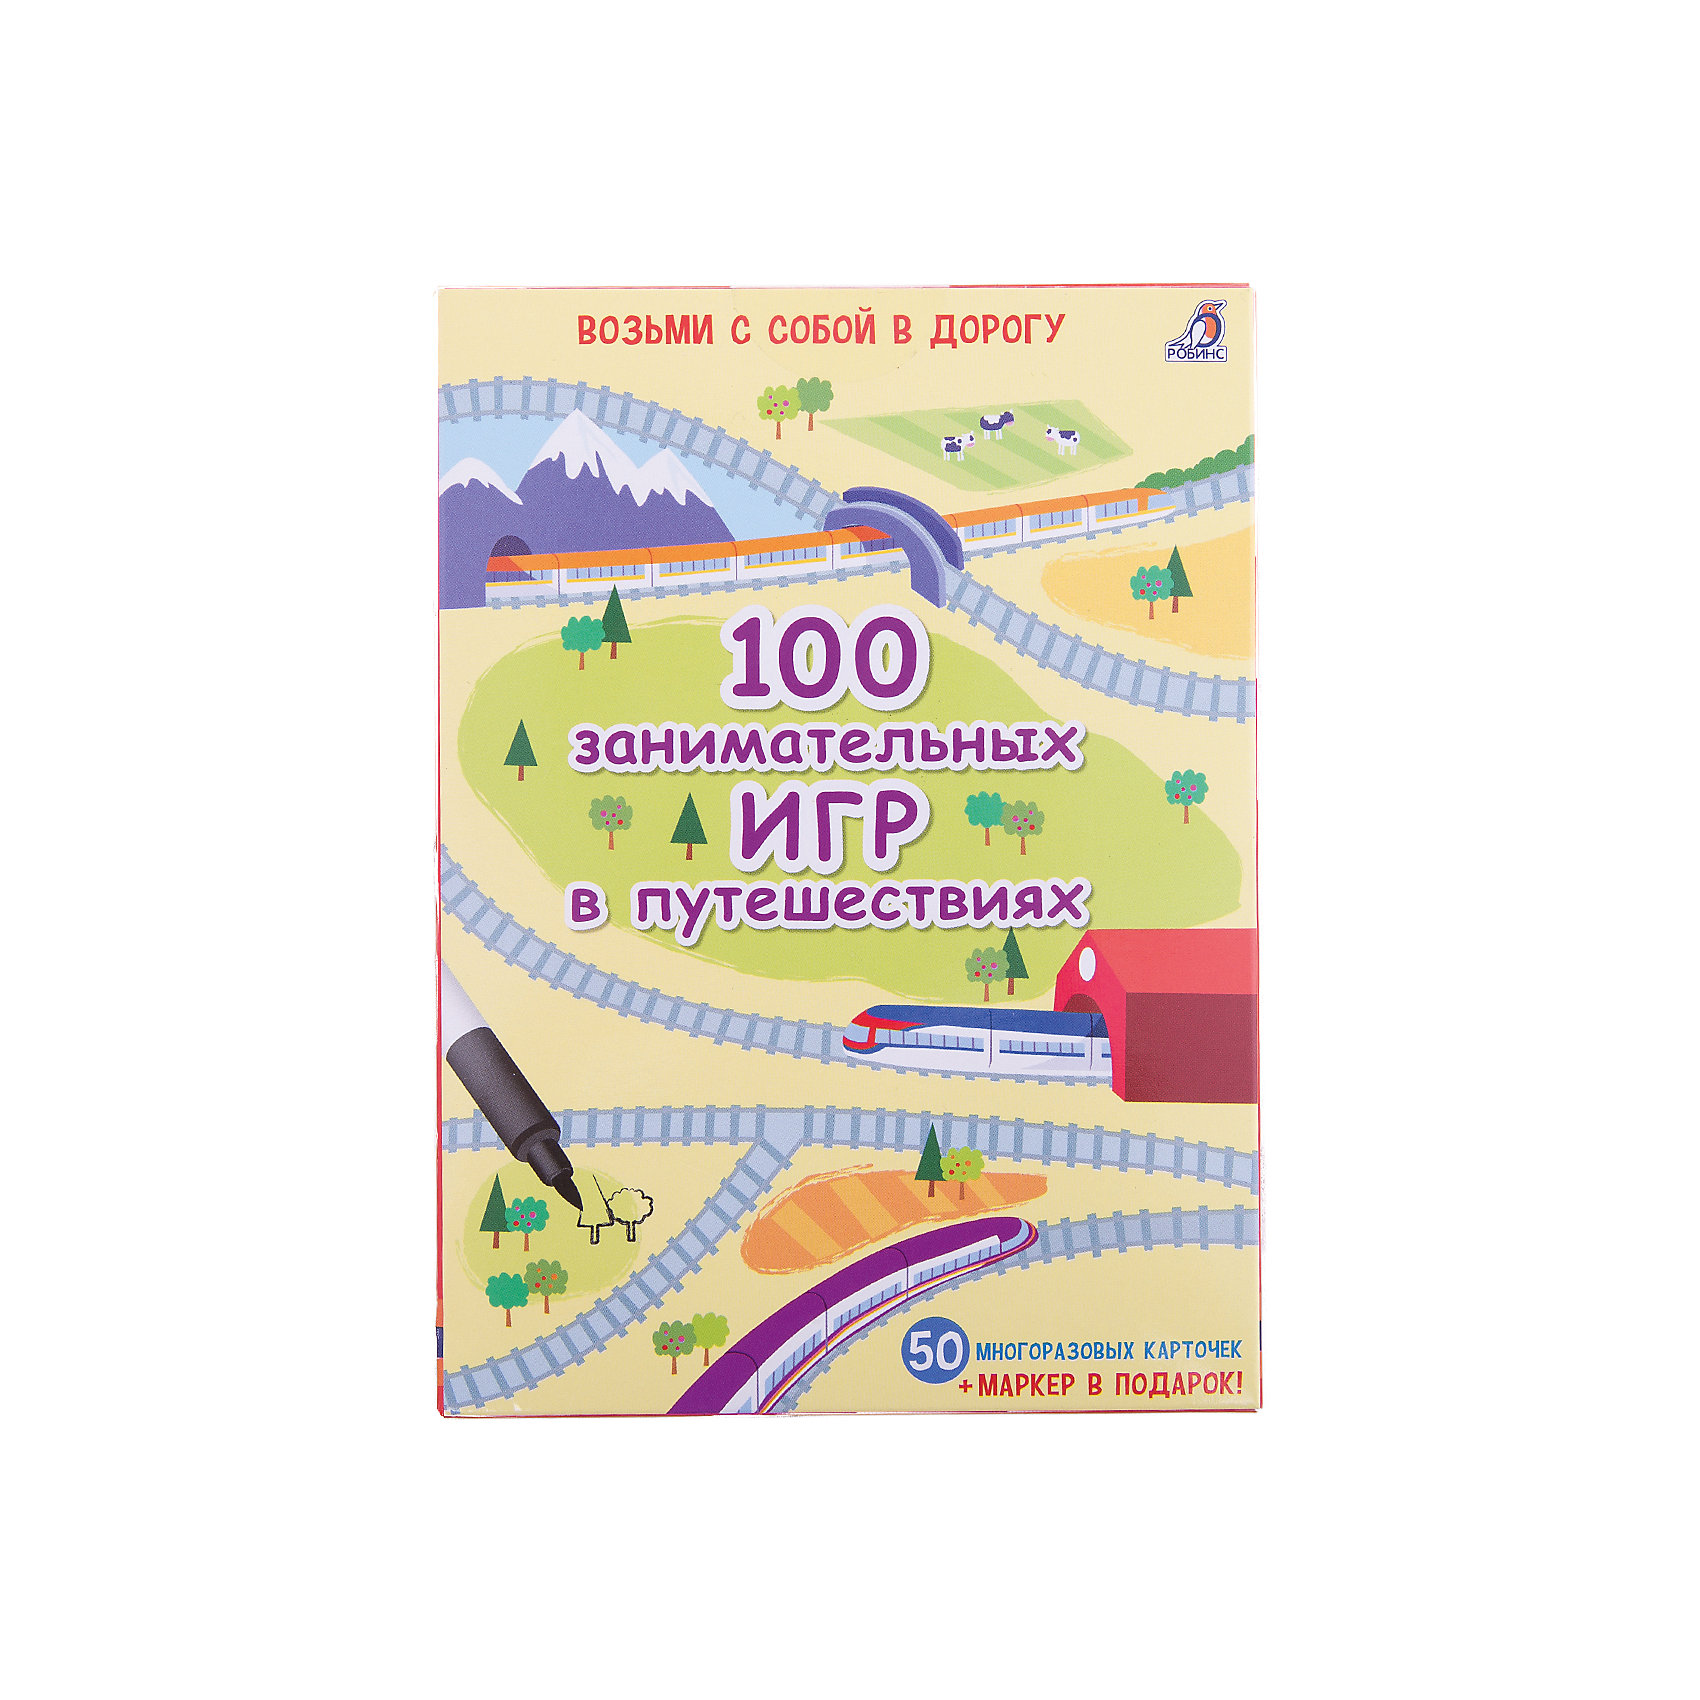 Развивающие карточки 100 занимательных игр в путешествияхОбучающие карточки<br>Увлекательный набор «100 занимательных игр в путешествиях» создан специально для маленьких путешественников! В наборе ты найдешь специальные карточки с играми, головоломками, заданиями для развития логики, смекалки и творческого мышления, а также маркер, которым можно рисовать и писать. И не переживай за ошибки, поскольку поверхность карточек обладает стирающимися свойствами. Ты можешь играть и рисовать снова и снова! Играй и развивайся! Возьми с собой набор в дорогу. Кстати, если тебе захочется рисовать разноцветными маркерами, не стесняйся, для этих карточек подходит любой фломастер.<br><br>Дополнительная информация:<br><br>Автор: Фиона Уотт<br>Формат: 15.5 x 11.2 x 2.6 см<br>Страниц: 50<br>Составитель: Наталья Ерофеева<br>Редактор: Наталья Ерофеева<br>Иллюстратор: Н. Фигг<br>В коробке 50 двухсторонних многоразовых карточек, на которых можно рисовать и писать, благодаря стирающей поверхности, а также маркер, чтобы выполнять задания.<br><br>Развивающие карточки 100 занимательных игр в путешествиях можно купить в нашем магазине.<br><br>Ширина мм: 155<br>Глубина мм: 115<br>Высота мм: 25<br>Вес г: 288<br>Возраст от месяцев: 36<br>Возраст до месяцев: 2147483647<br>Пол: Унисекс<br>Возраст: Детский<br>SKU: 4610602